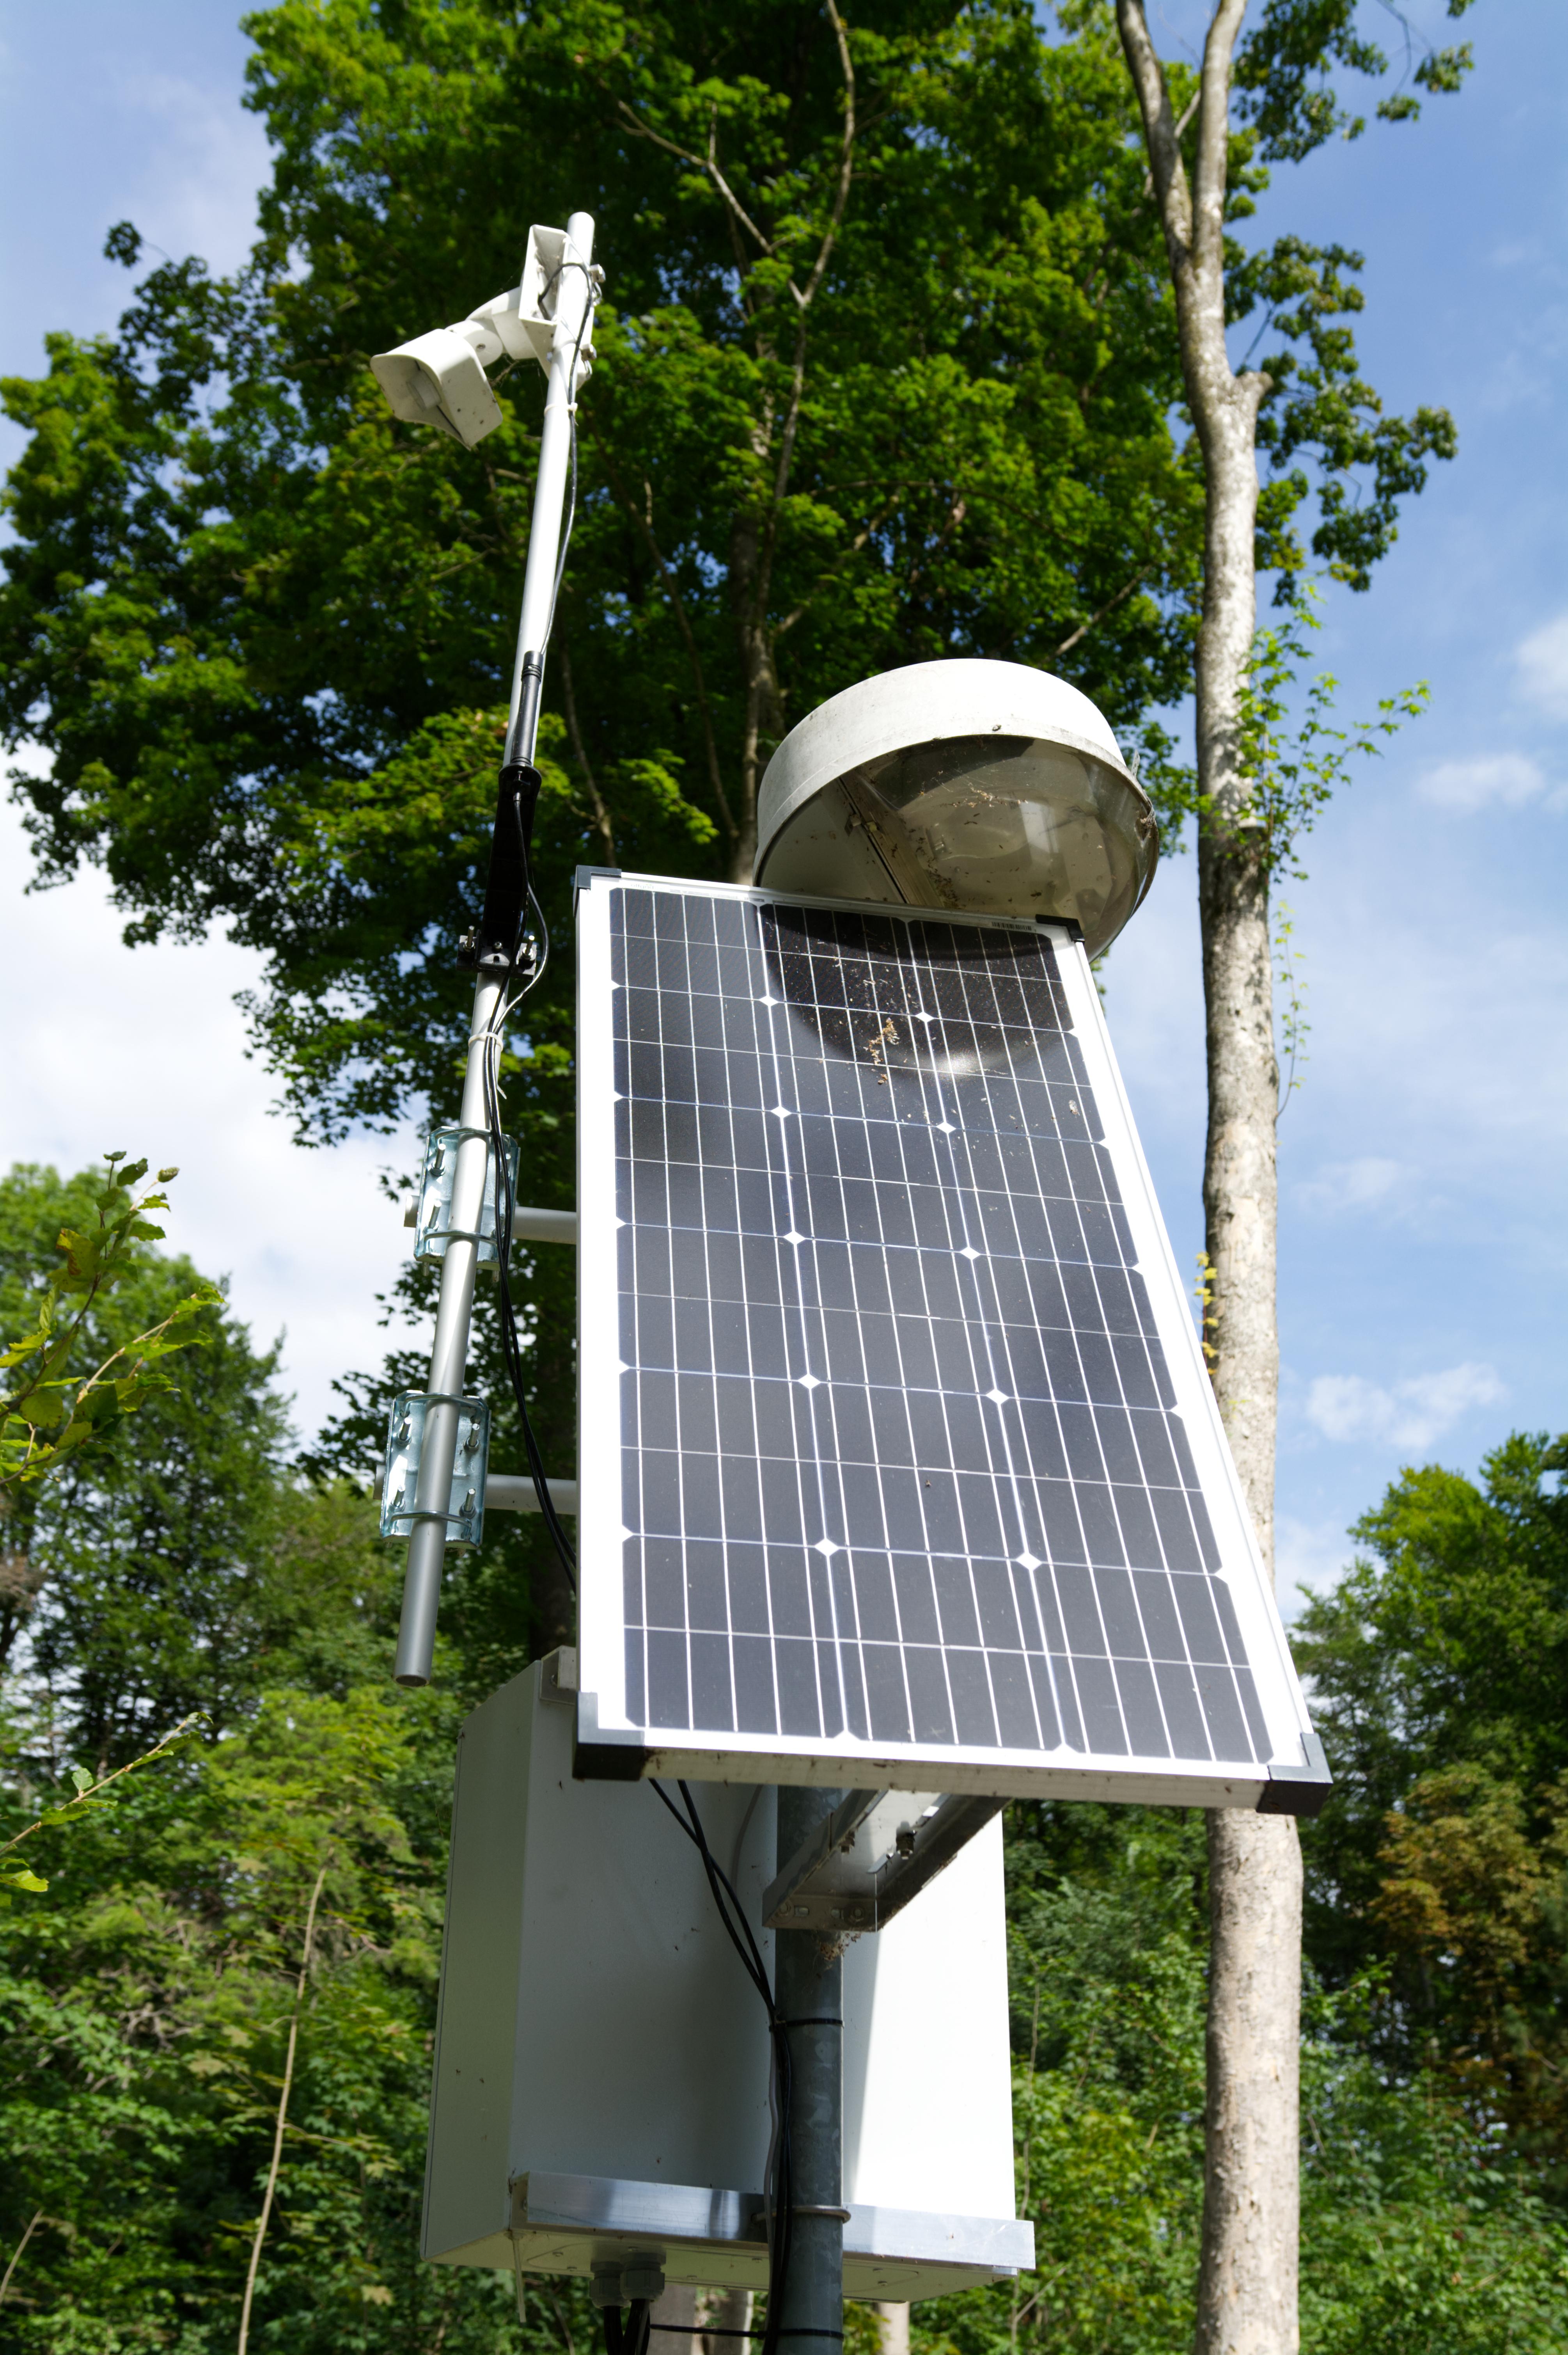 Solarpanel beim Baum 4.0 in Augsburg